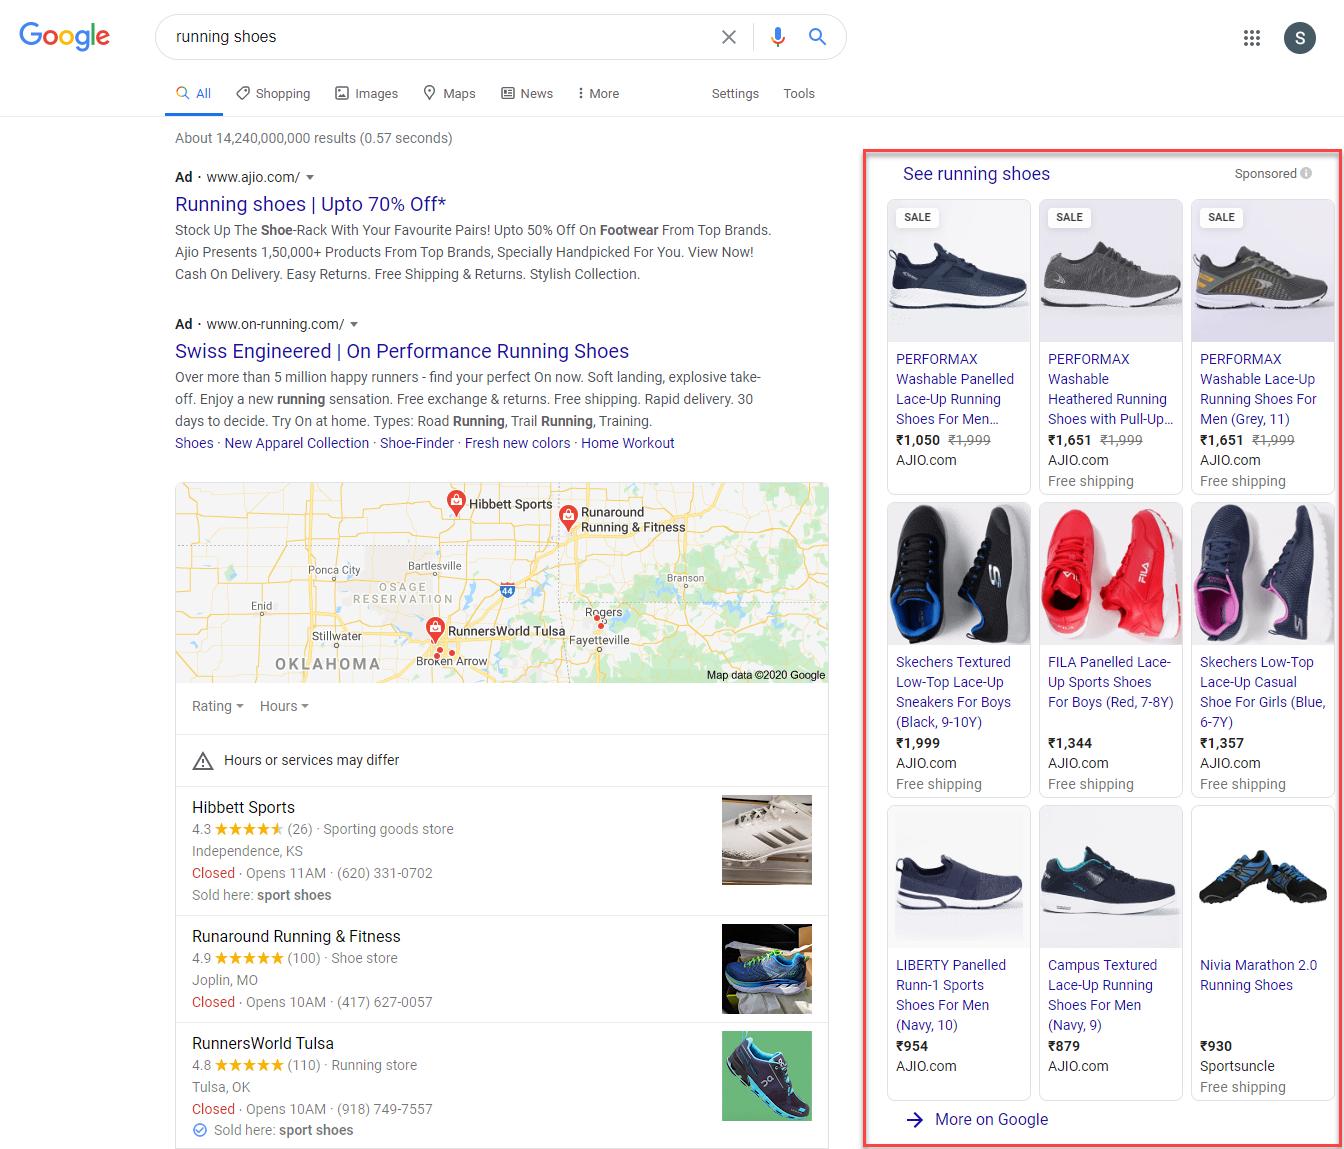 anuncios de compras de google